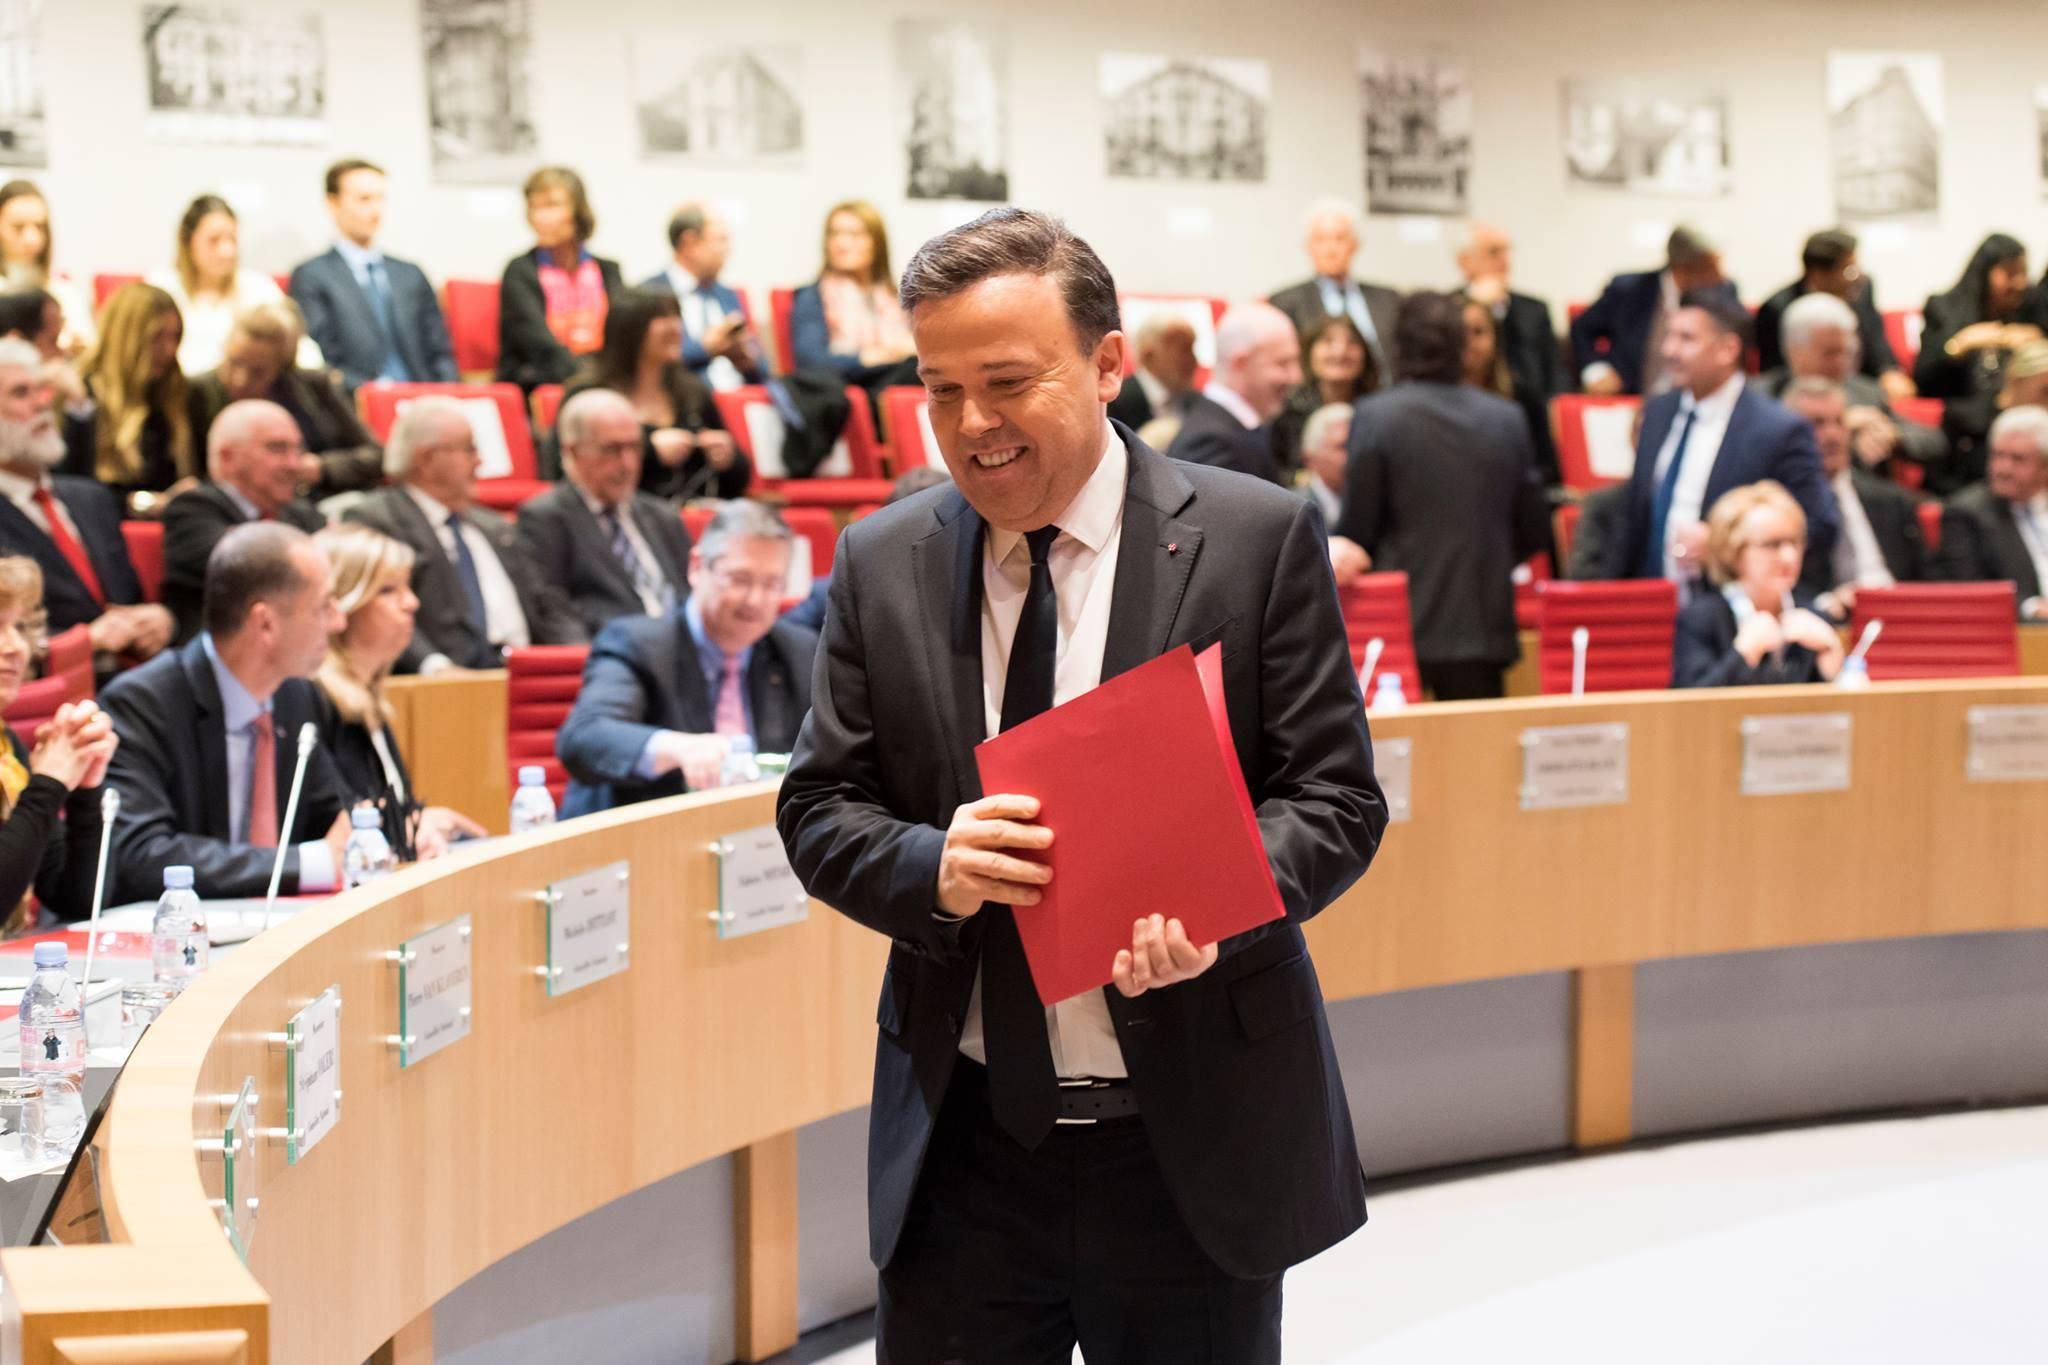 Stéphane Valeri, President of the National Council. Photo: Facebook Conseil National de Monaco